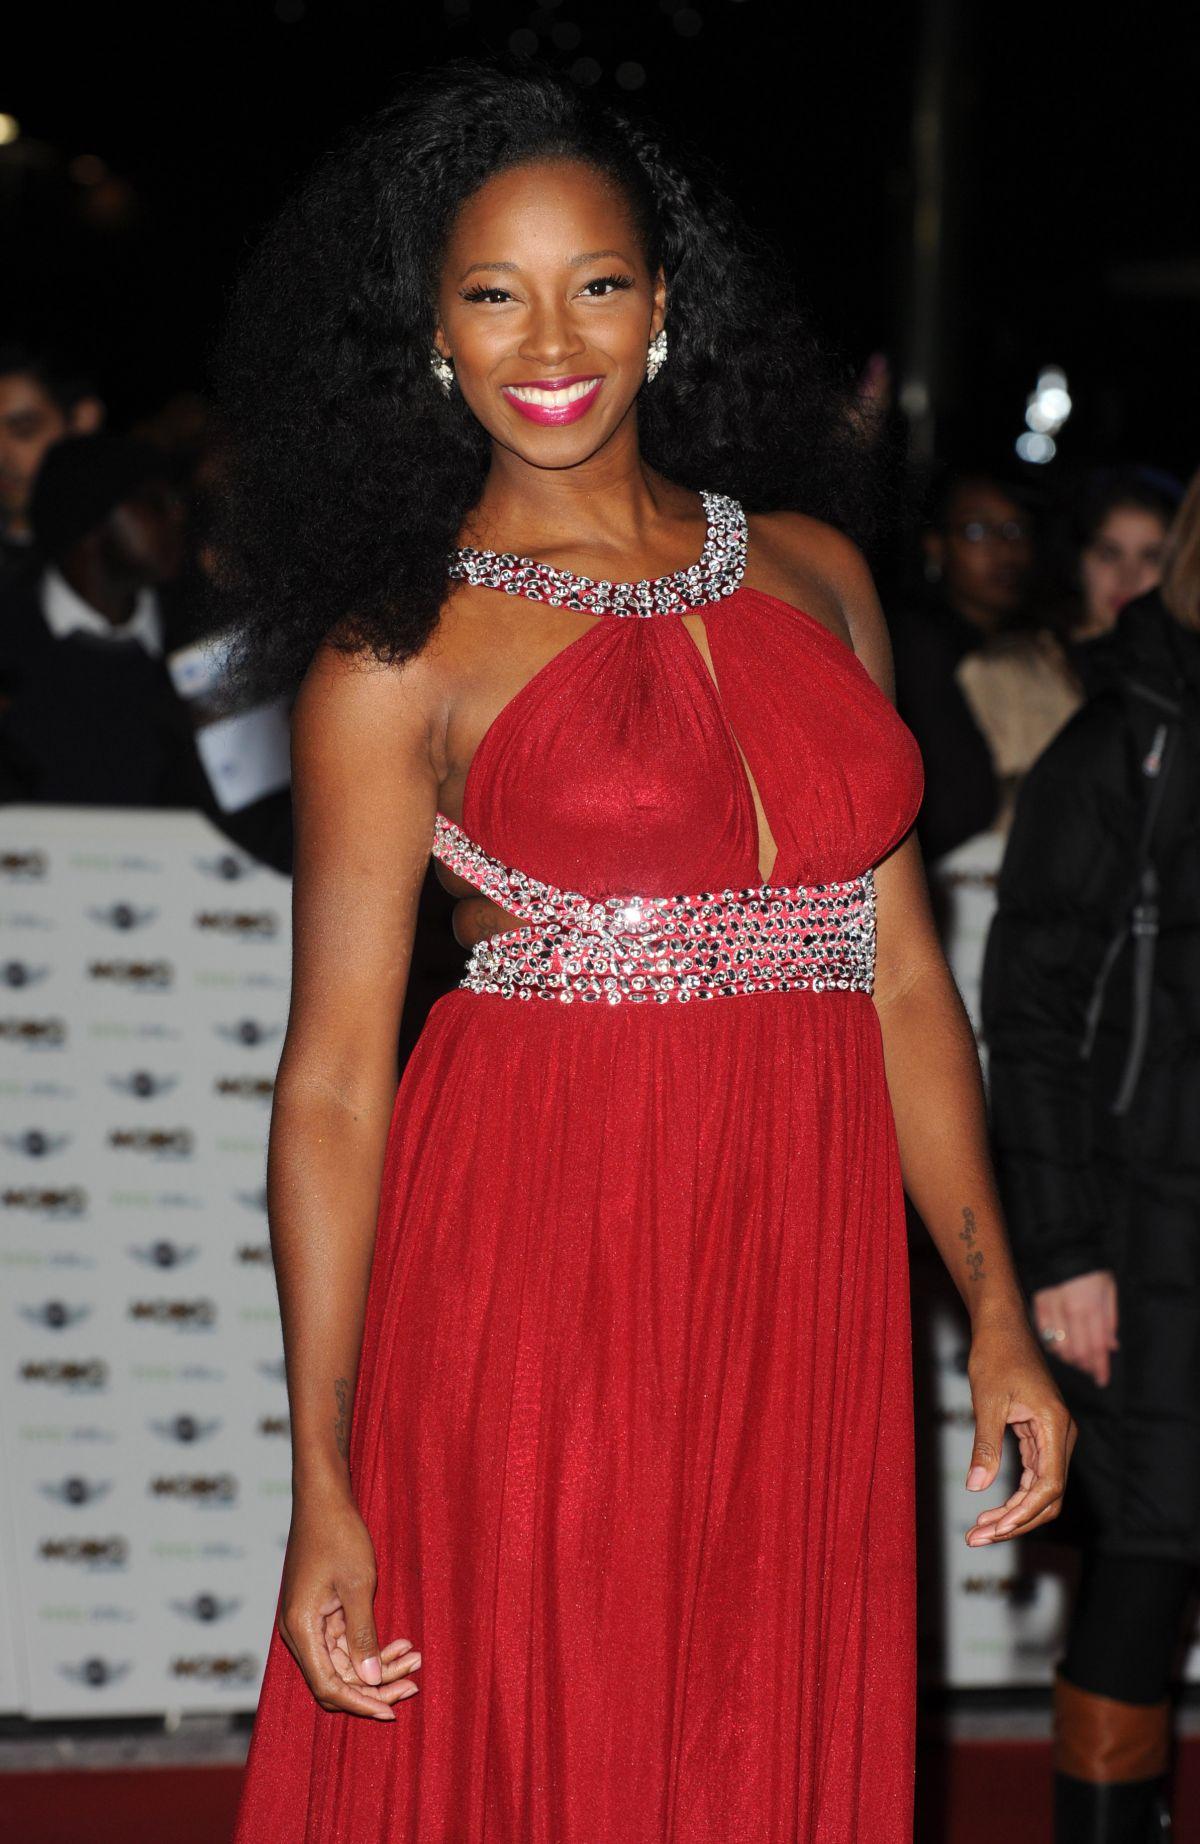 JAMELIA at Mobo Awards in London